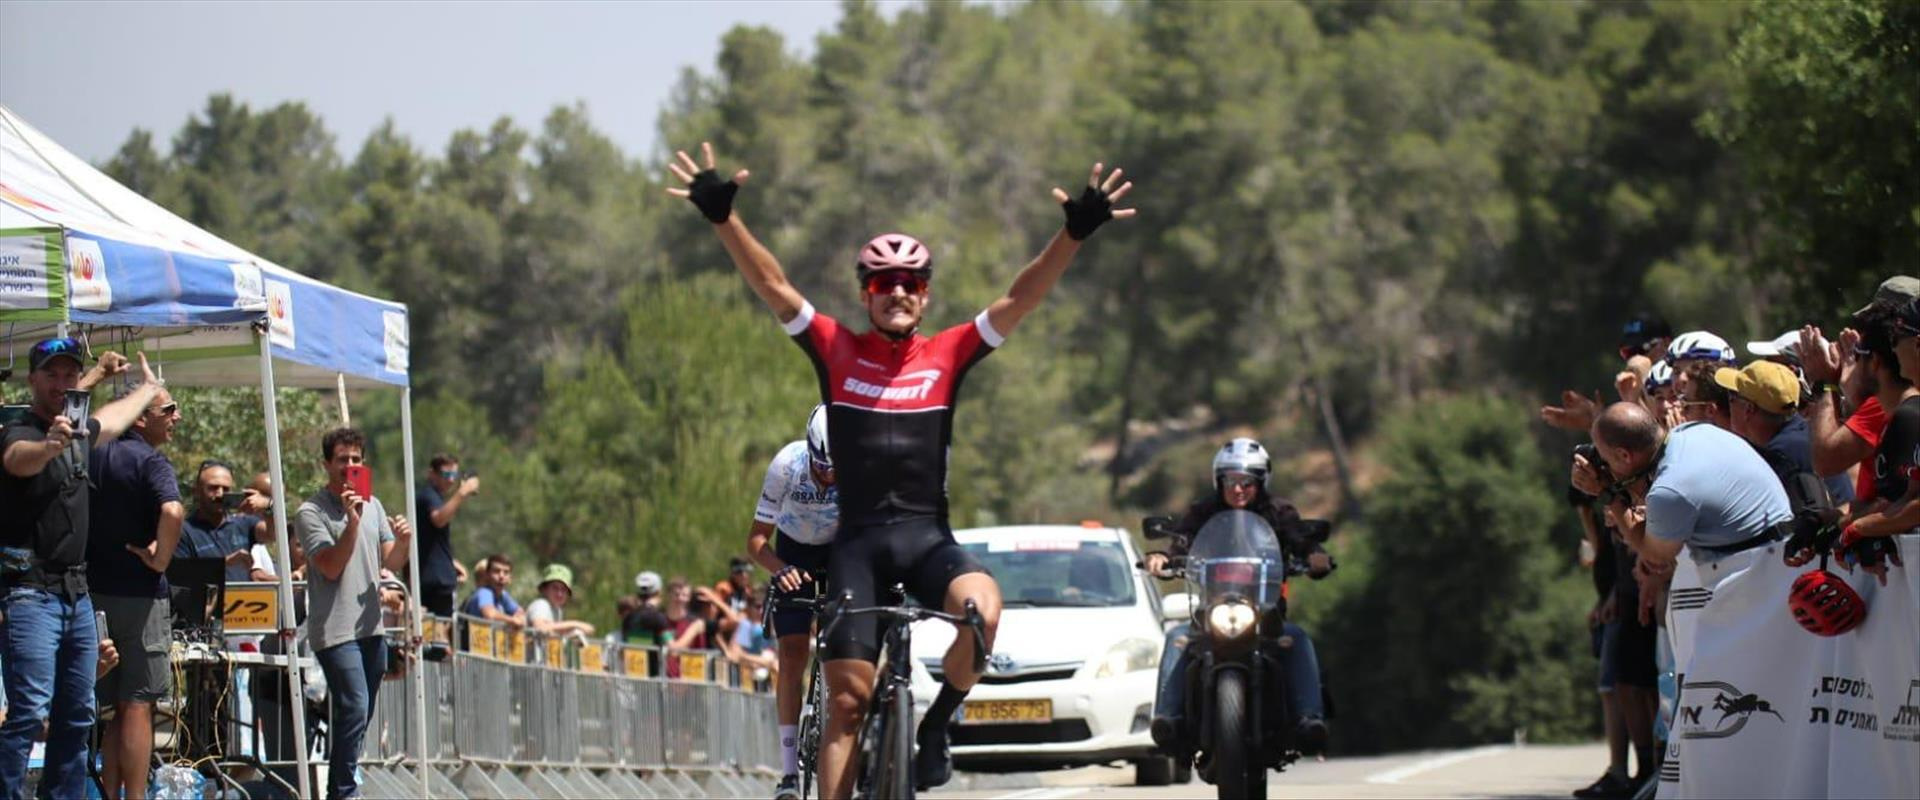 ולאד לוגינוב, אלוף ישראל ברכיבהה על אופניים